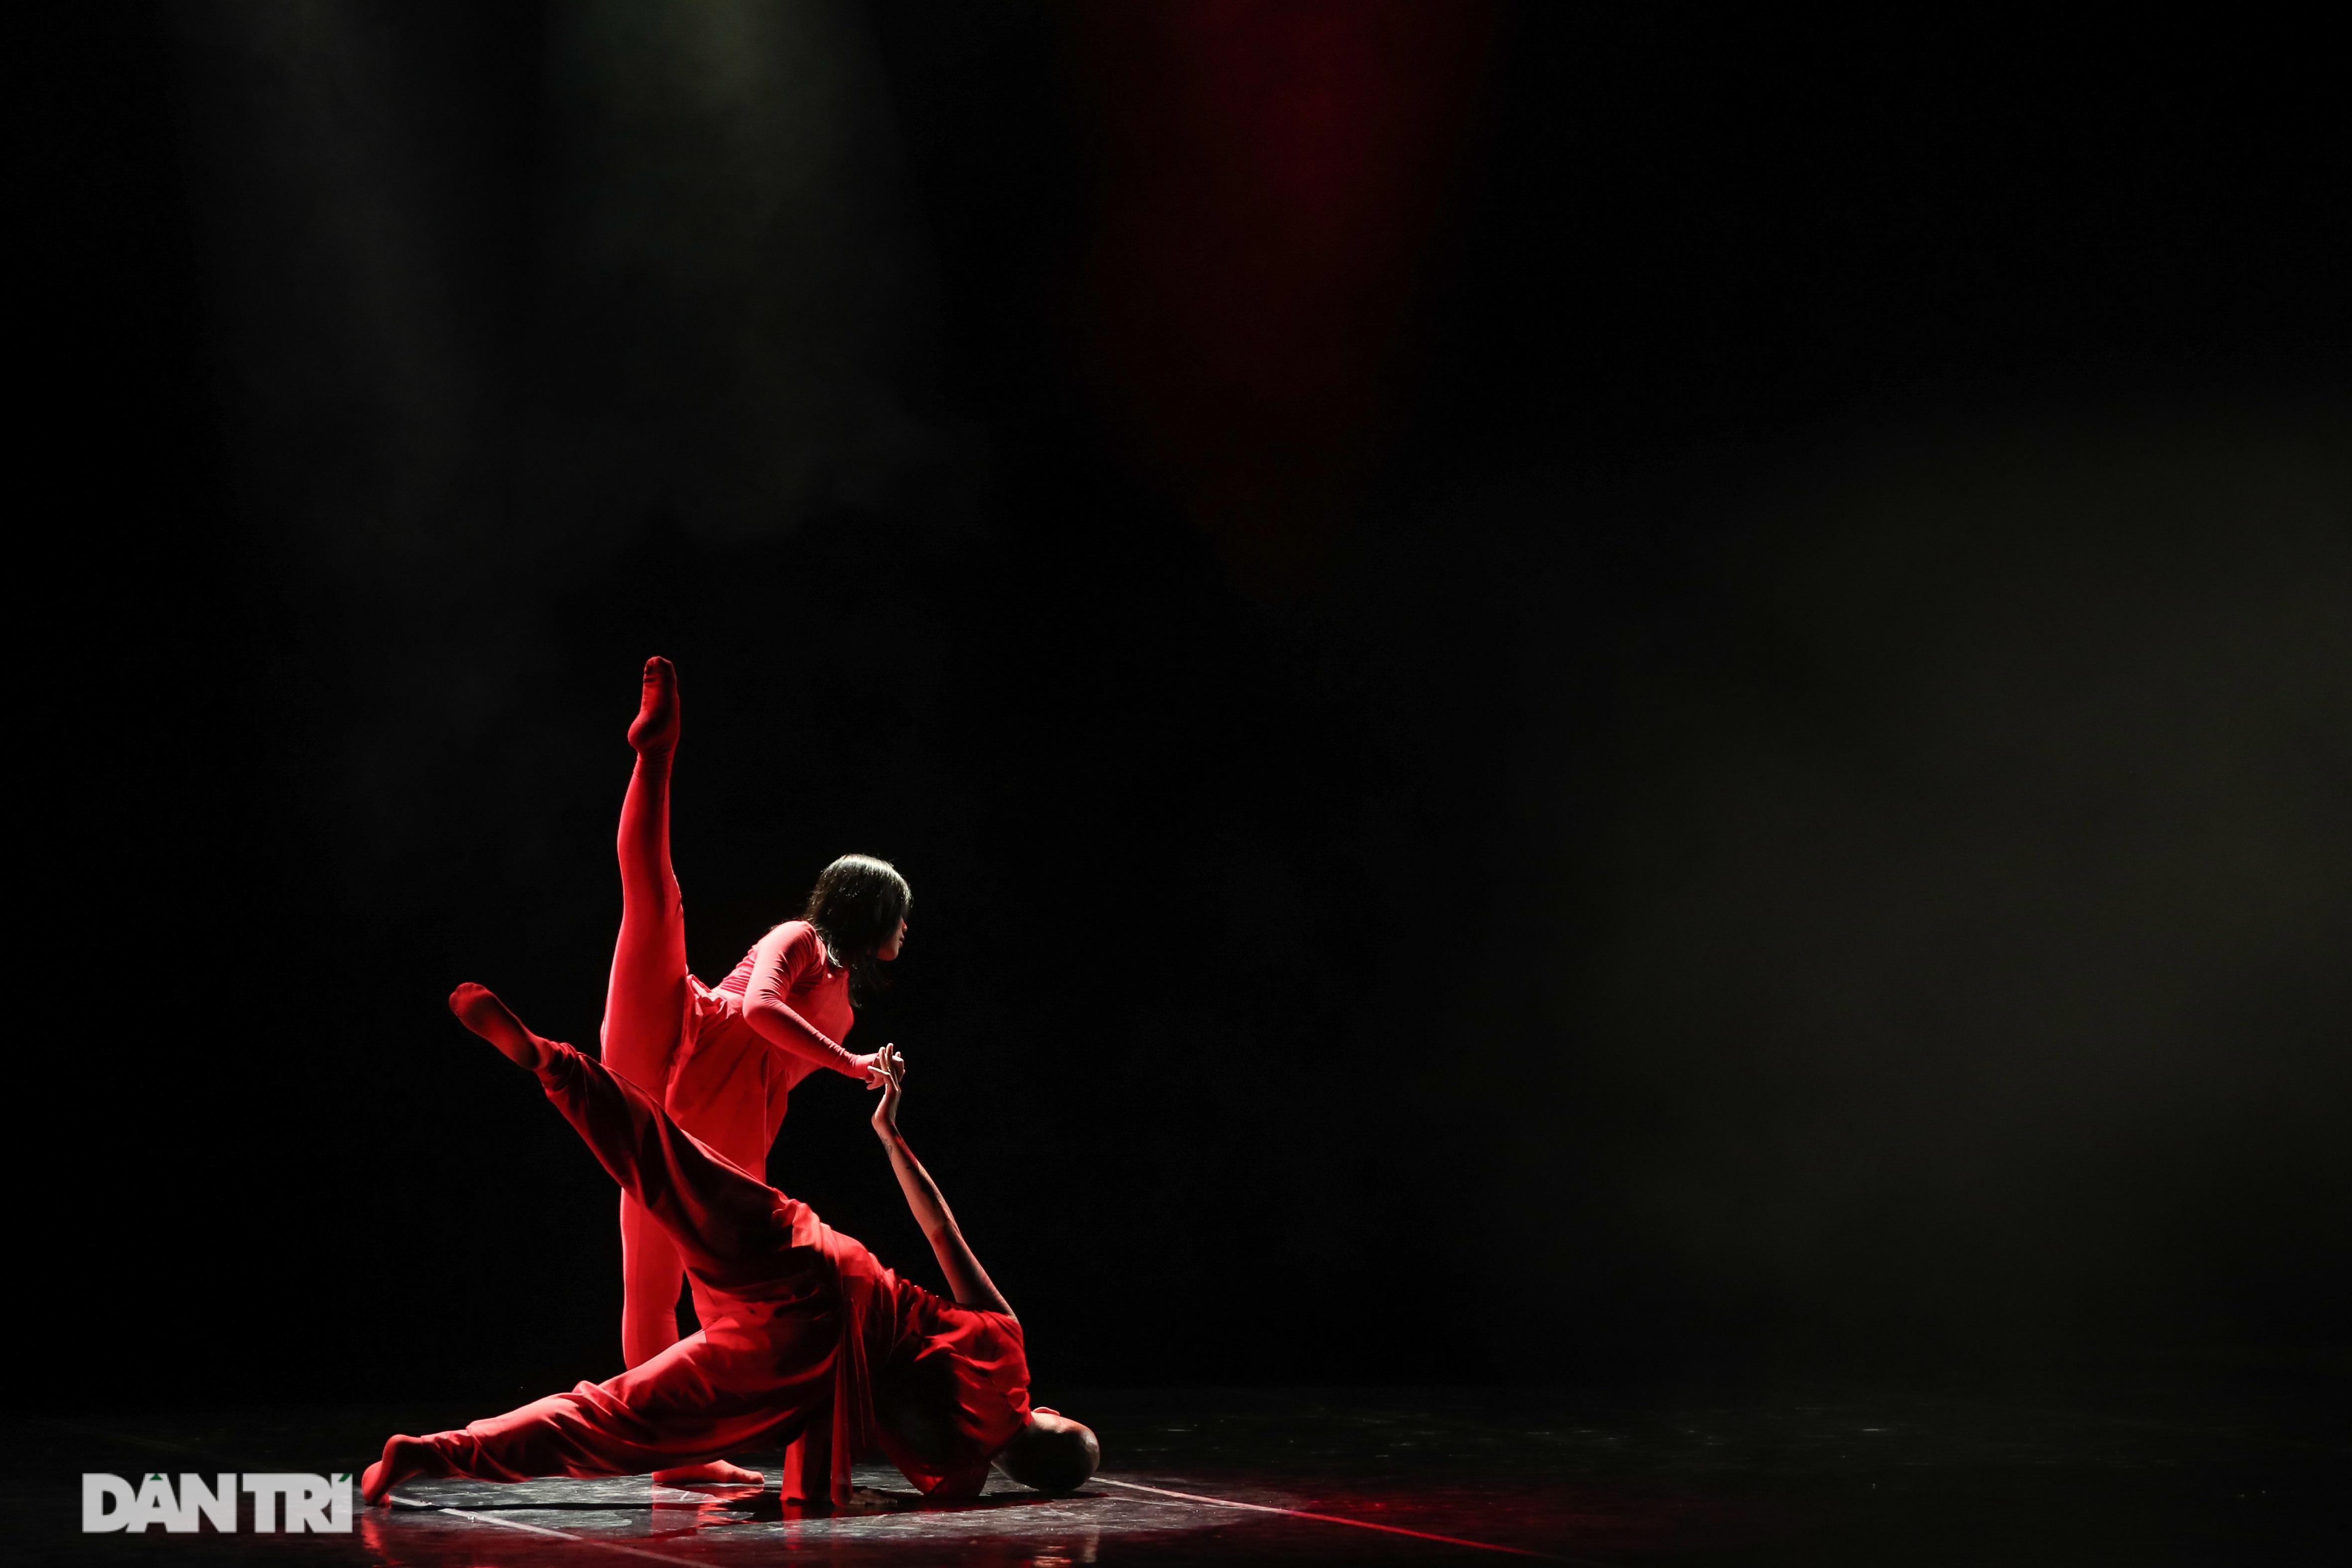 Khoảnh khắc mê hồn tại cuộc thi Tài năng biểu diễn múa - 13